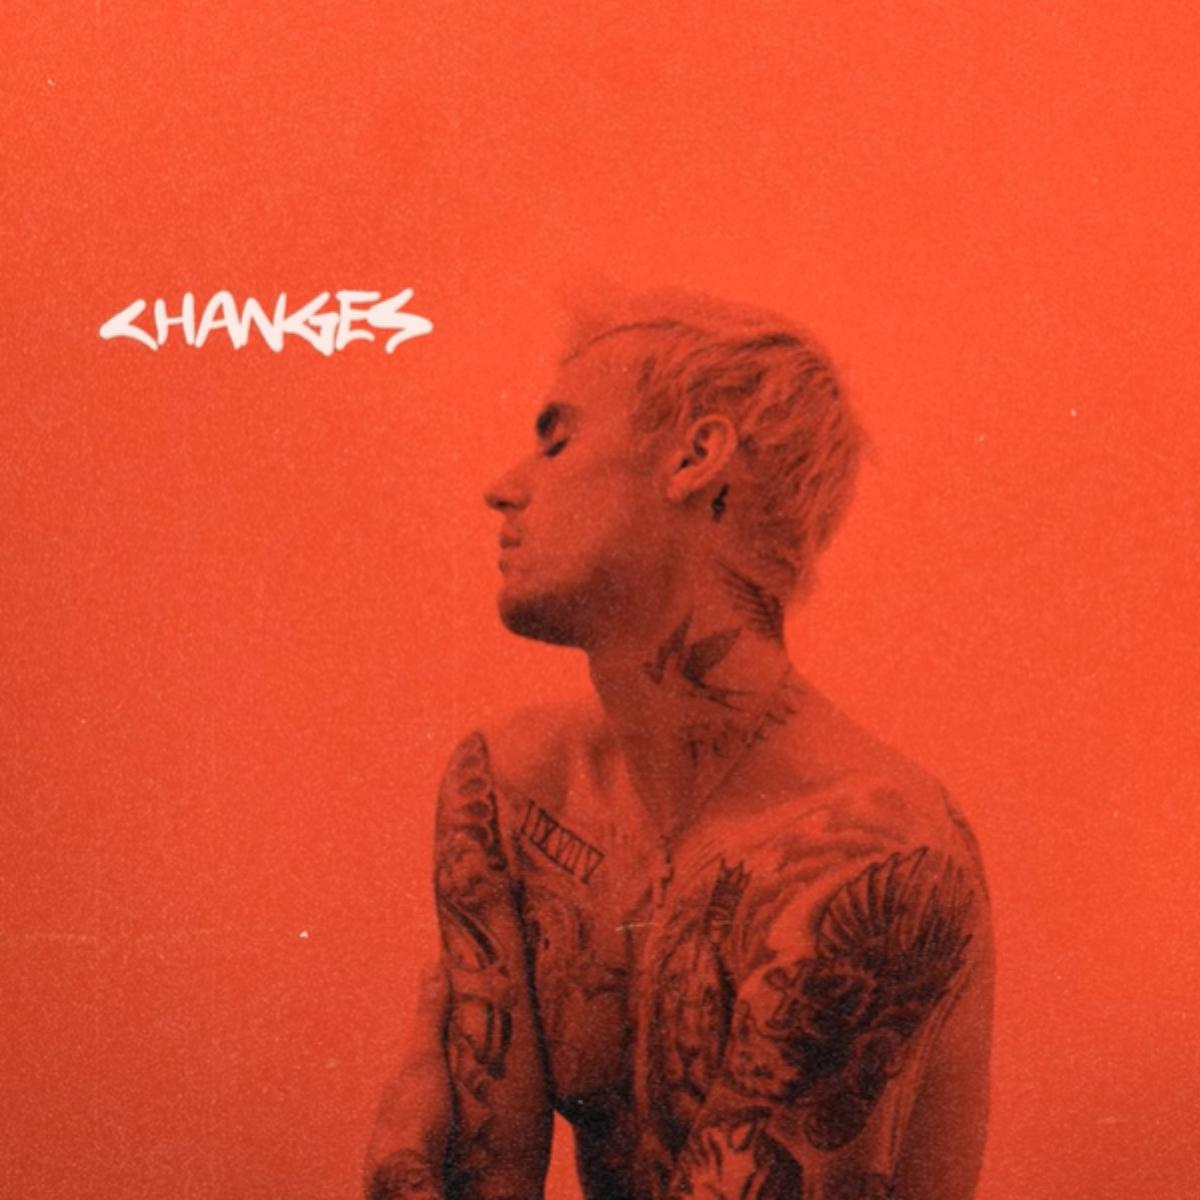 Justin Bieber retorna à música com álbum 'Changes'